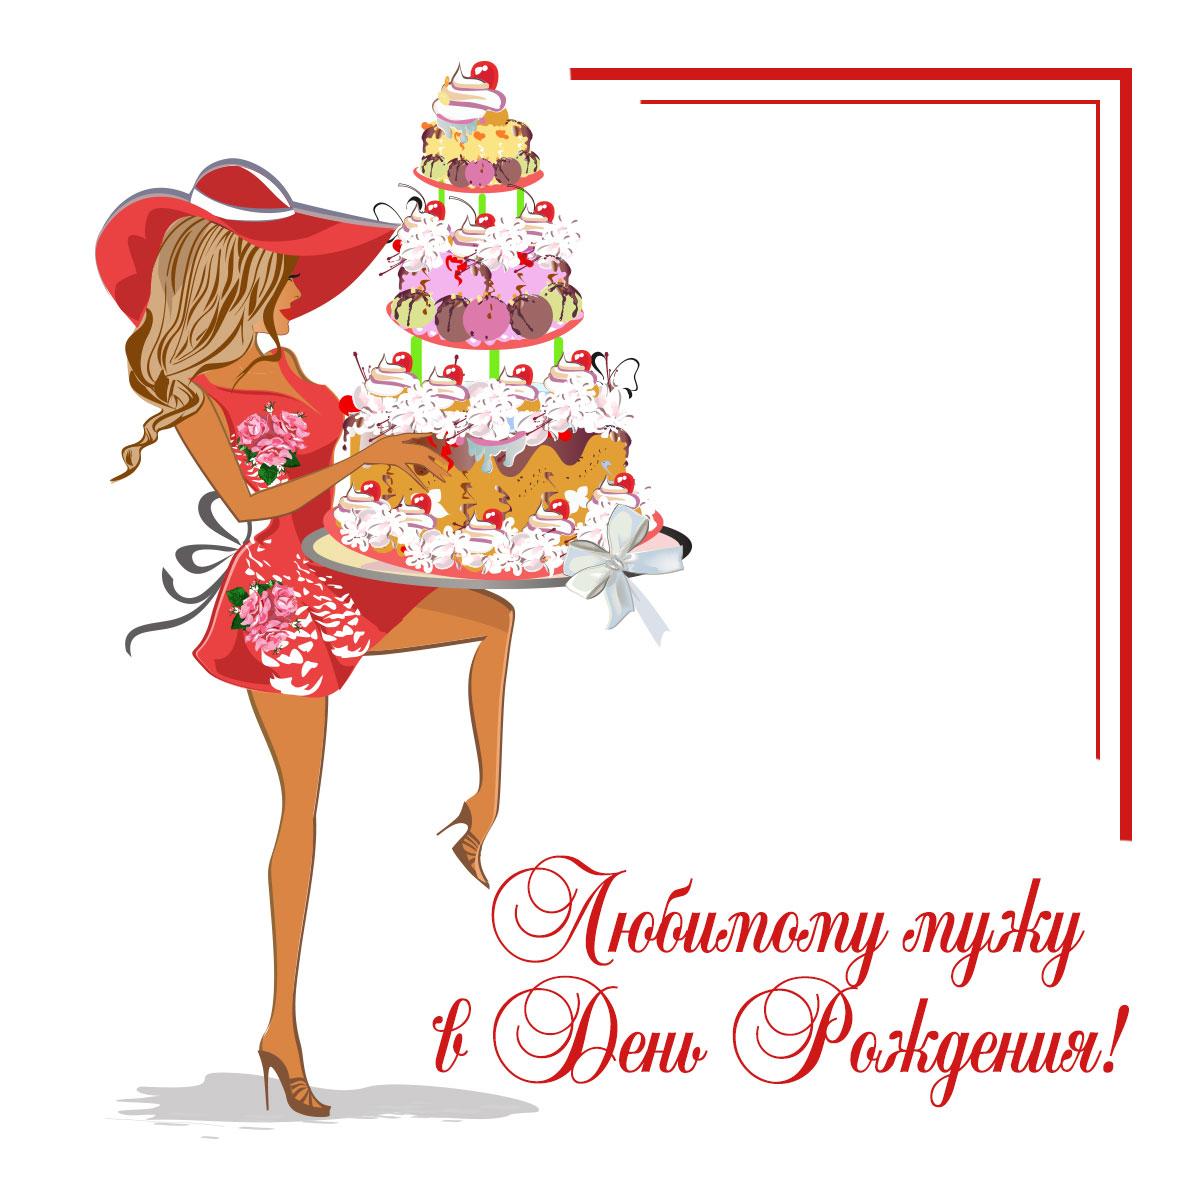 Девушка в красном платье и шляпе с тортом в руках поздравляет с днем рождения.